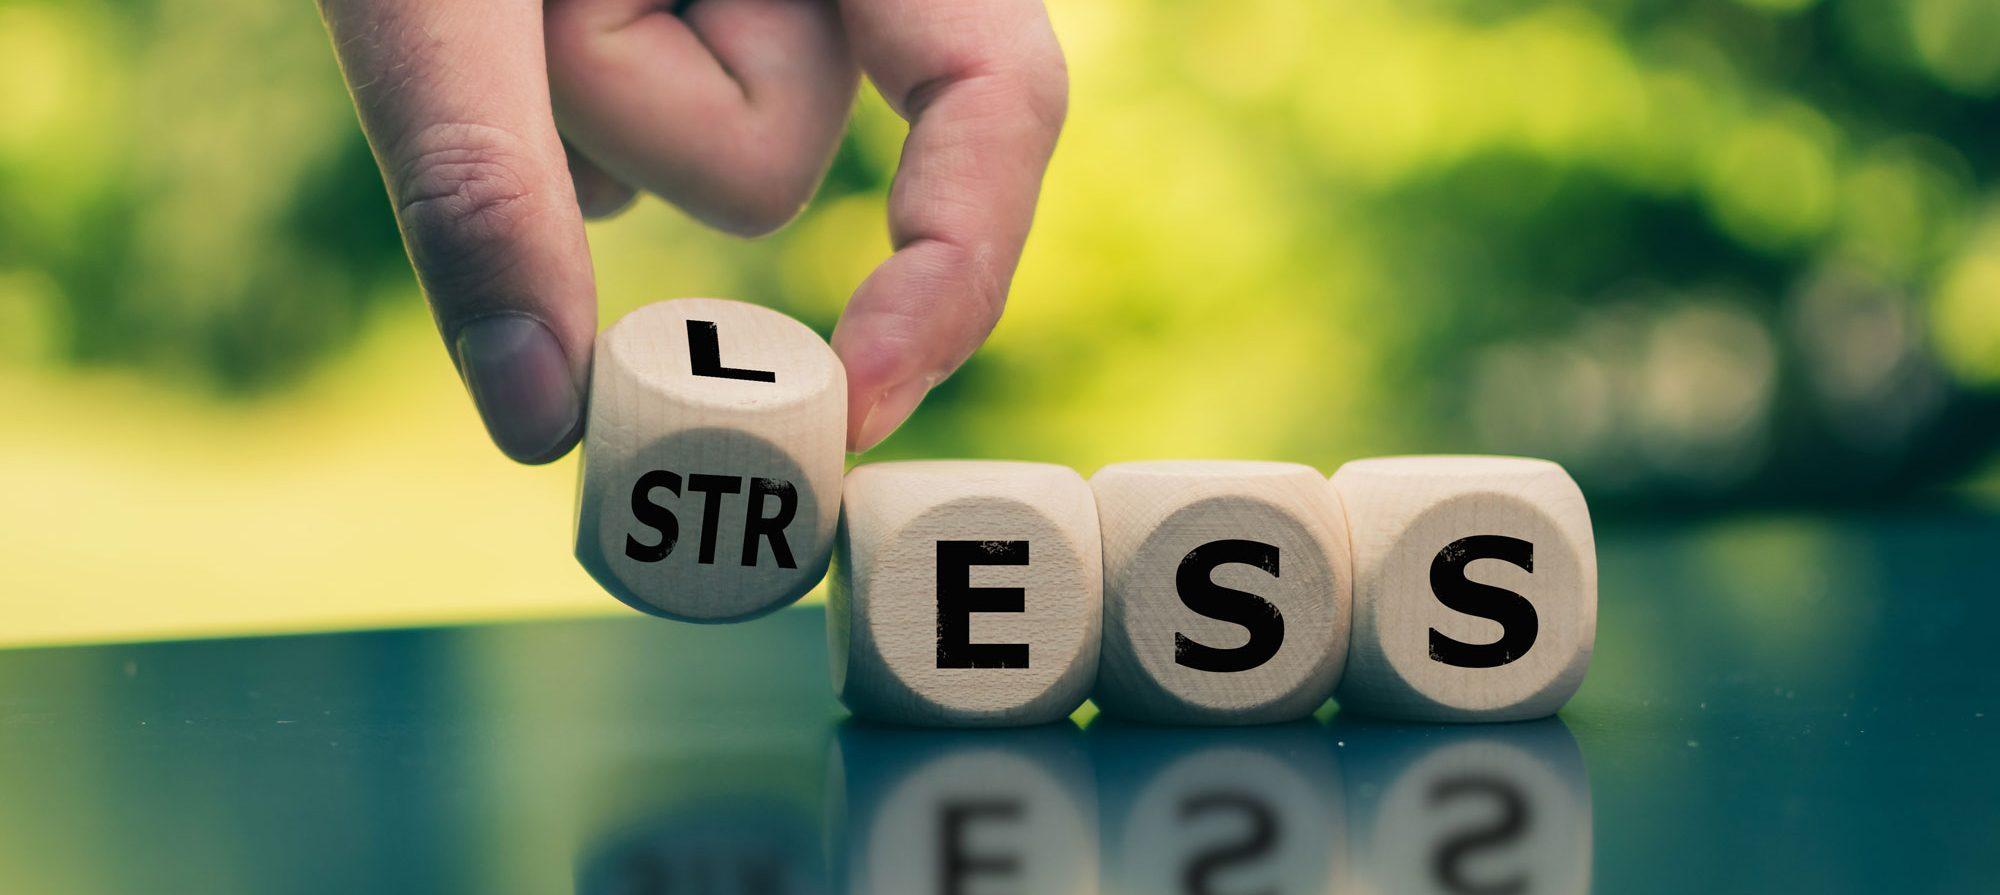 Lebensmittel gegen Stress Nervennahrung